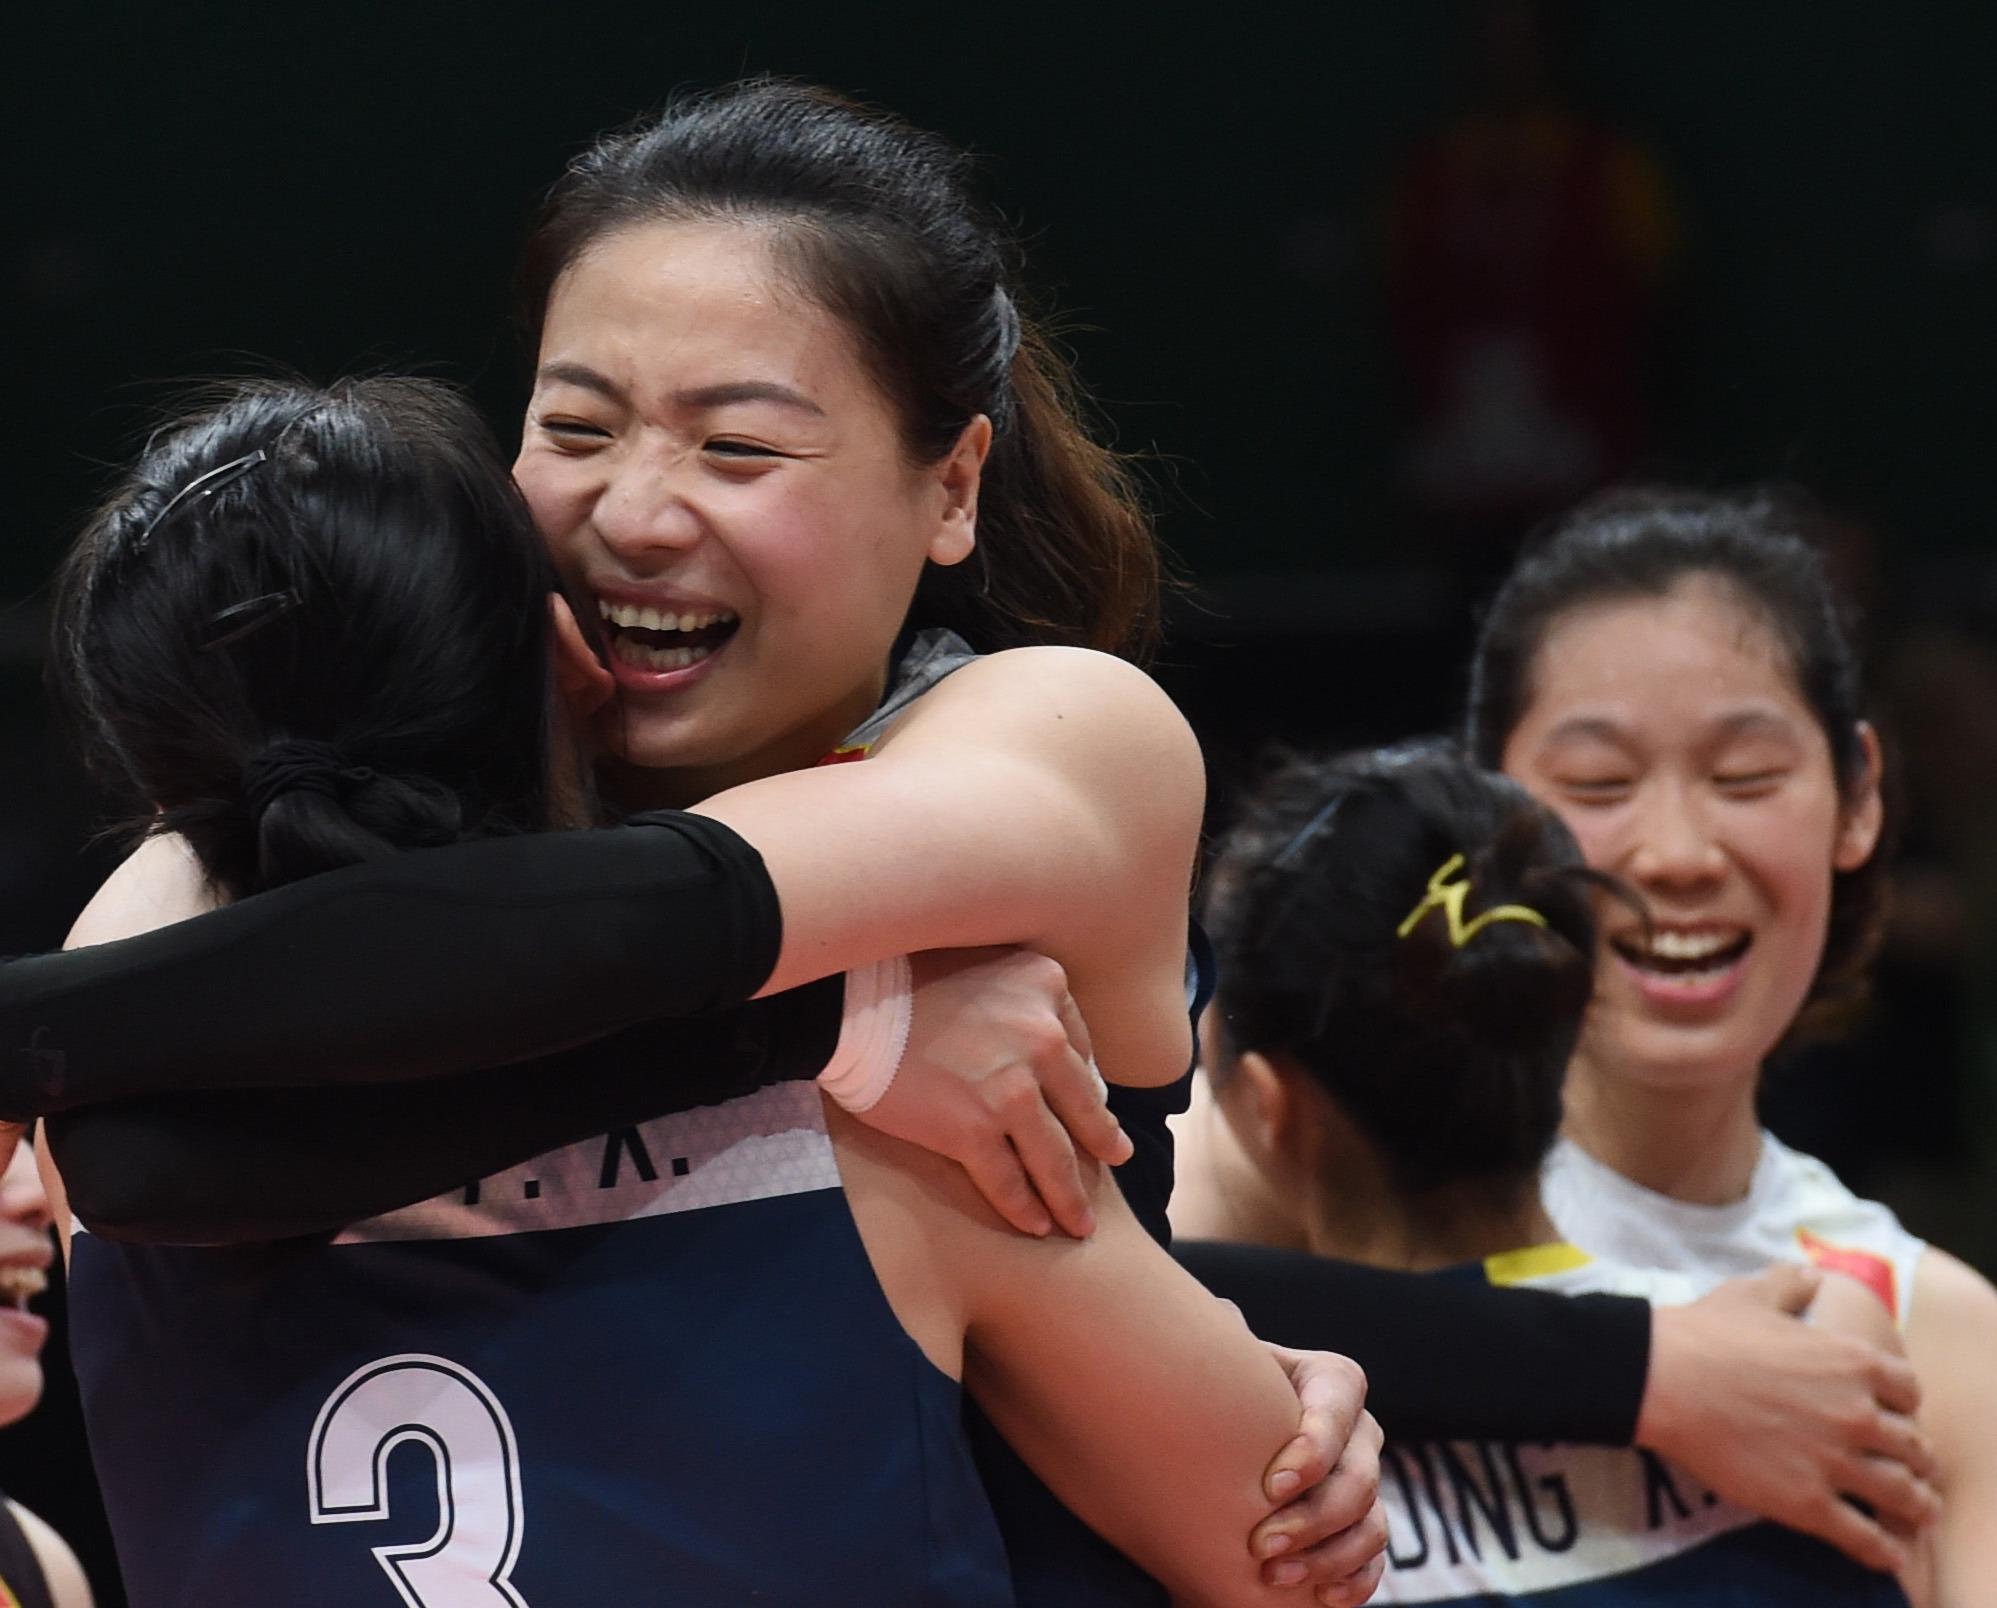 中国队球员魏秋月(左二)在赛后和队友庆祝胜利。 当日,在2016年里约奥运会女子排球四分之一决赛中,中国队以3比2战胜巴西队,晋级四强。 新华社记者岳月伟摄